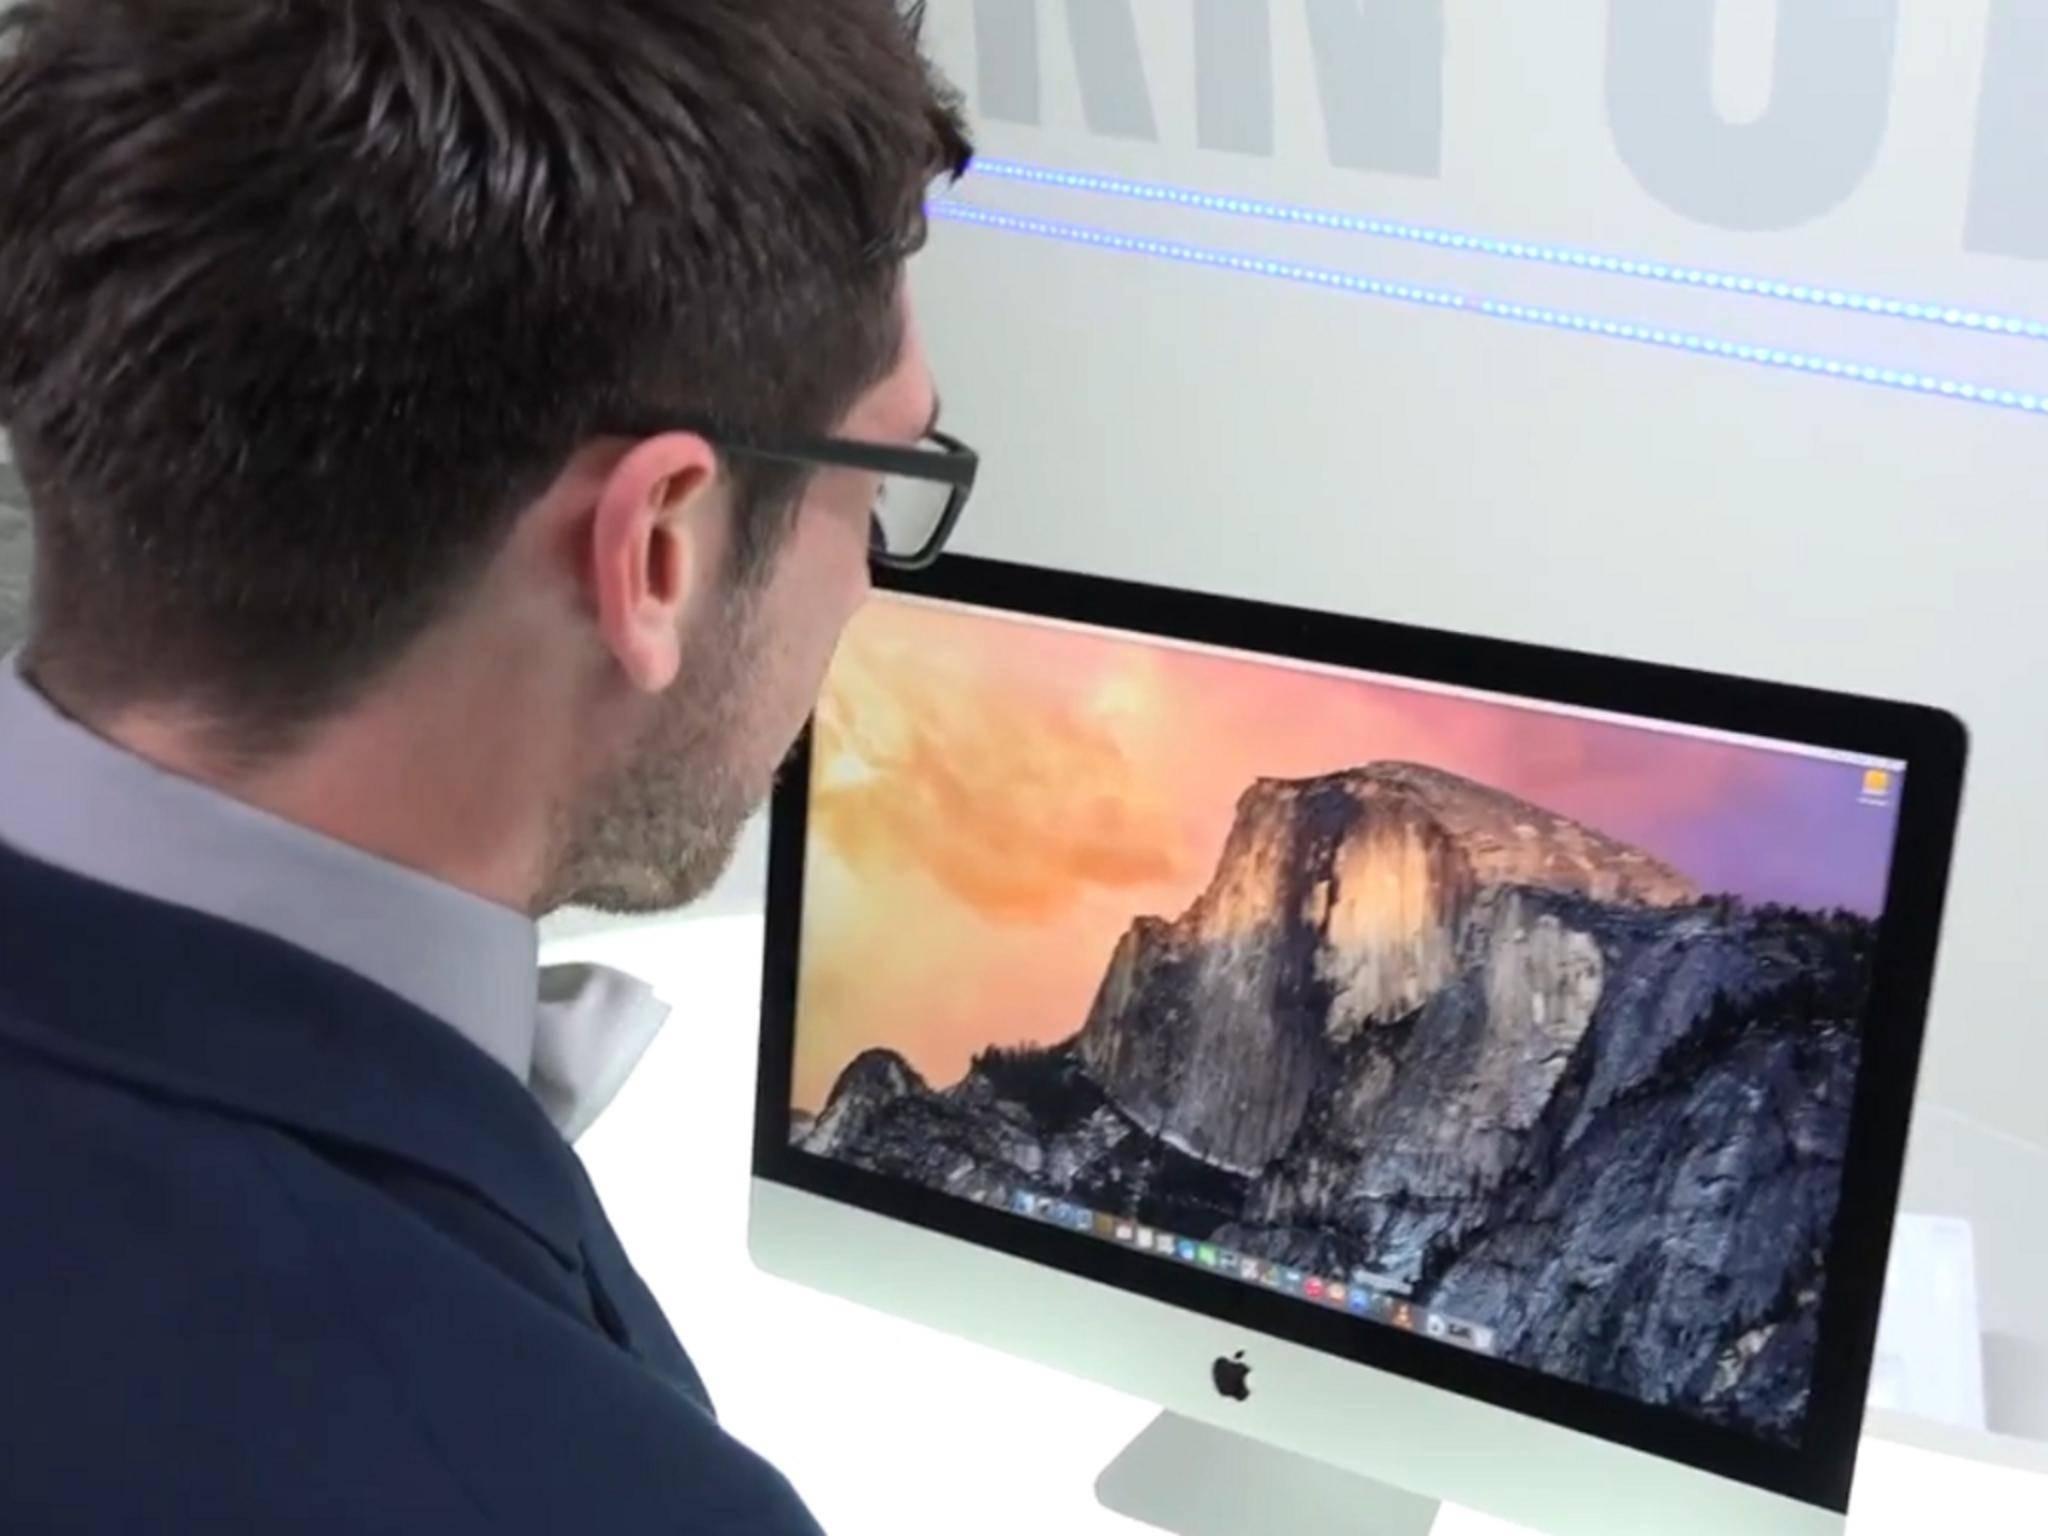 In unserem Hands-On wirft Alex einen Blick auf den iMac 5K.